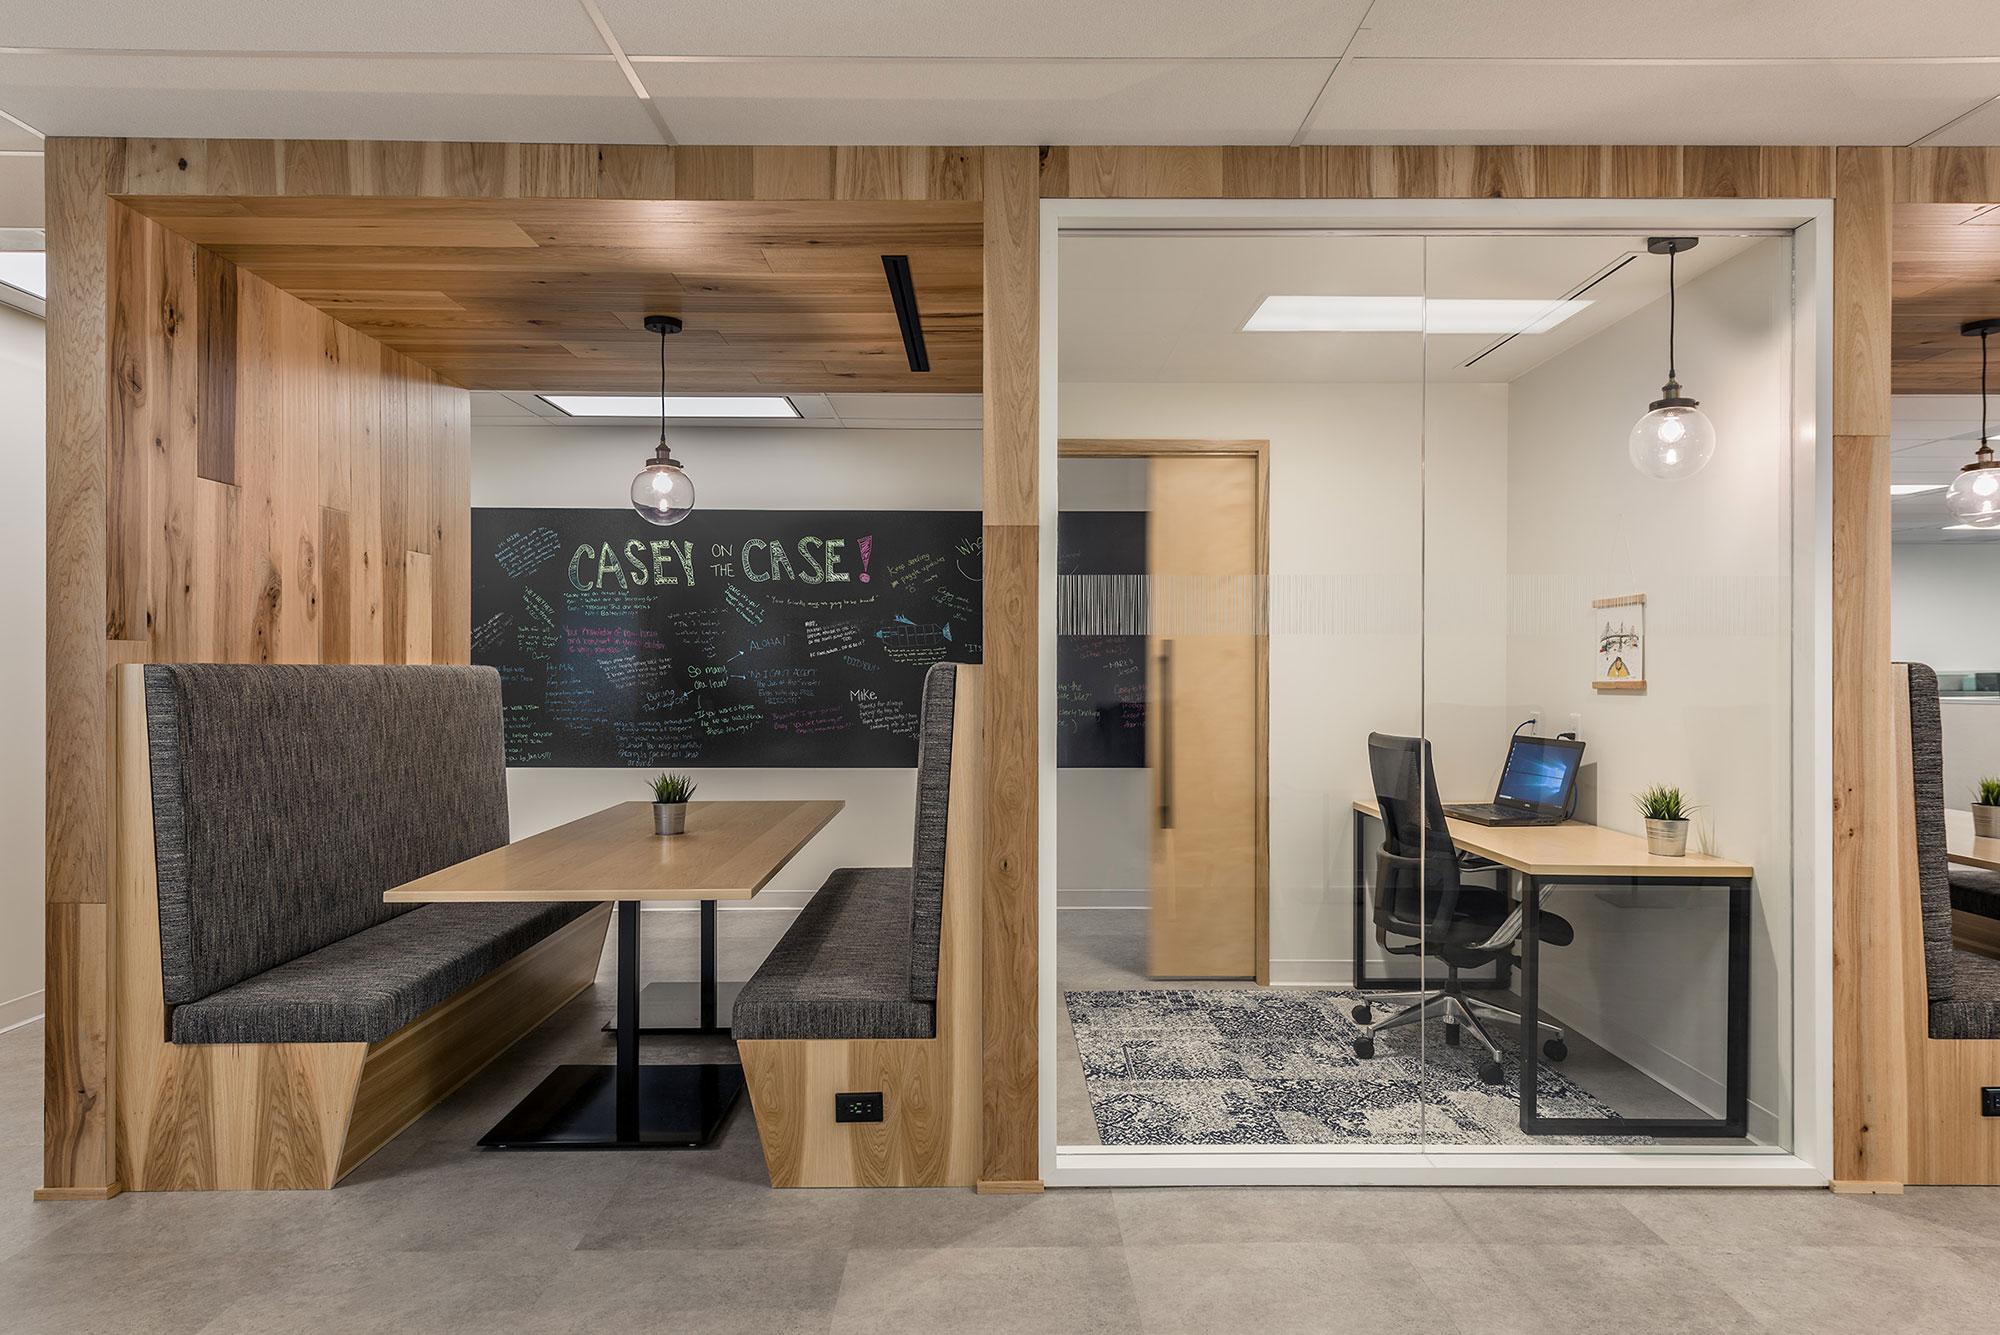 halifax-interior-design-financial-office-workspace.jpg